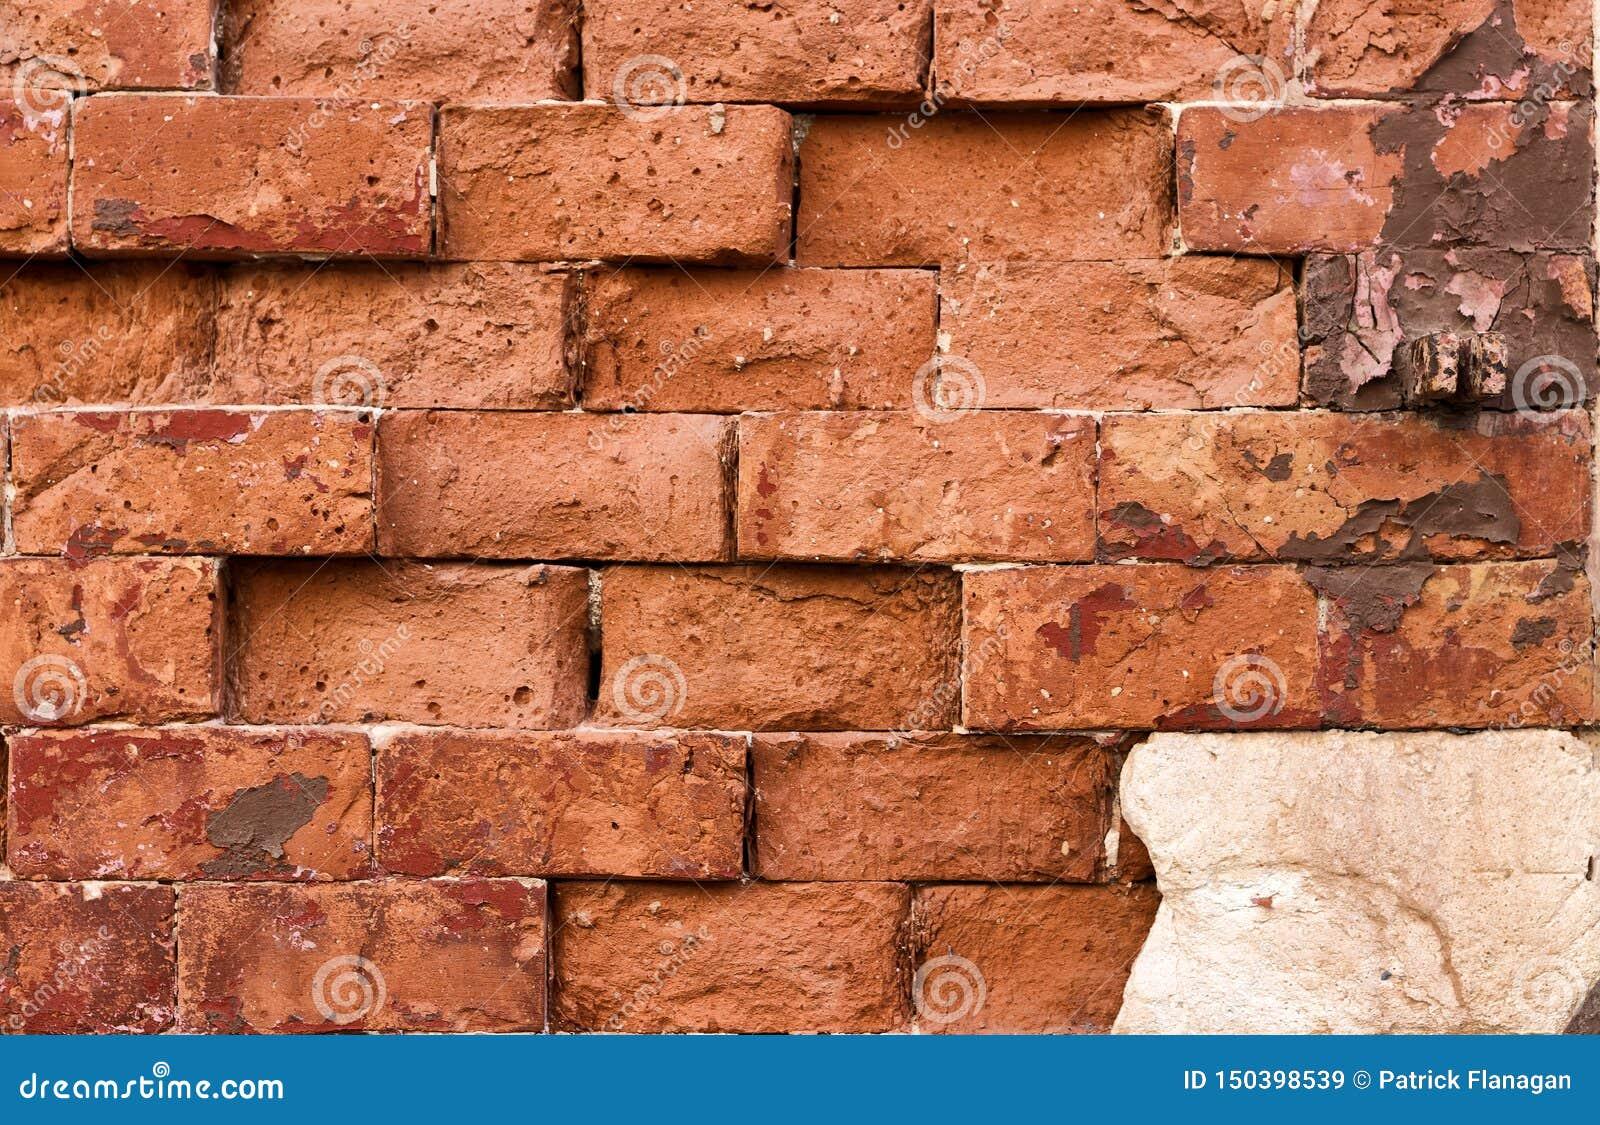 Uma parede de tijolos vermelhos haphazardly colocados